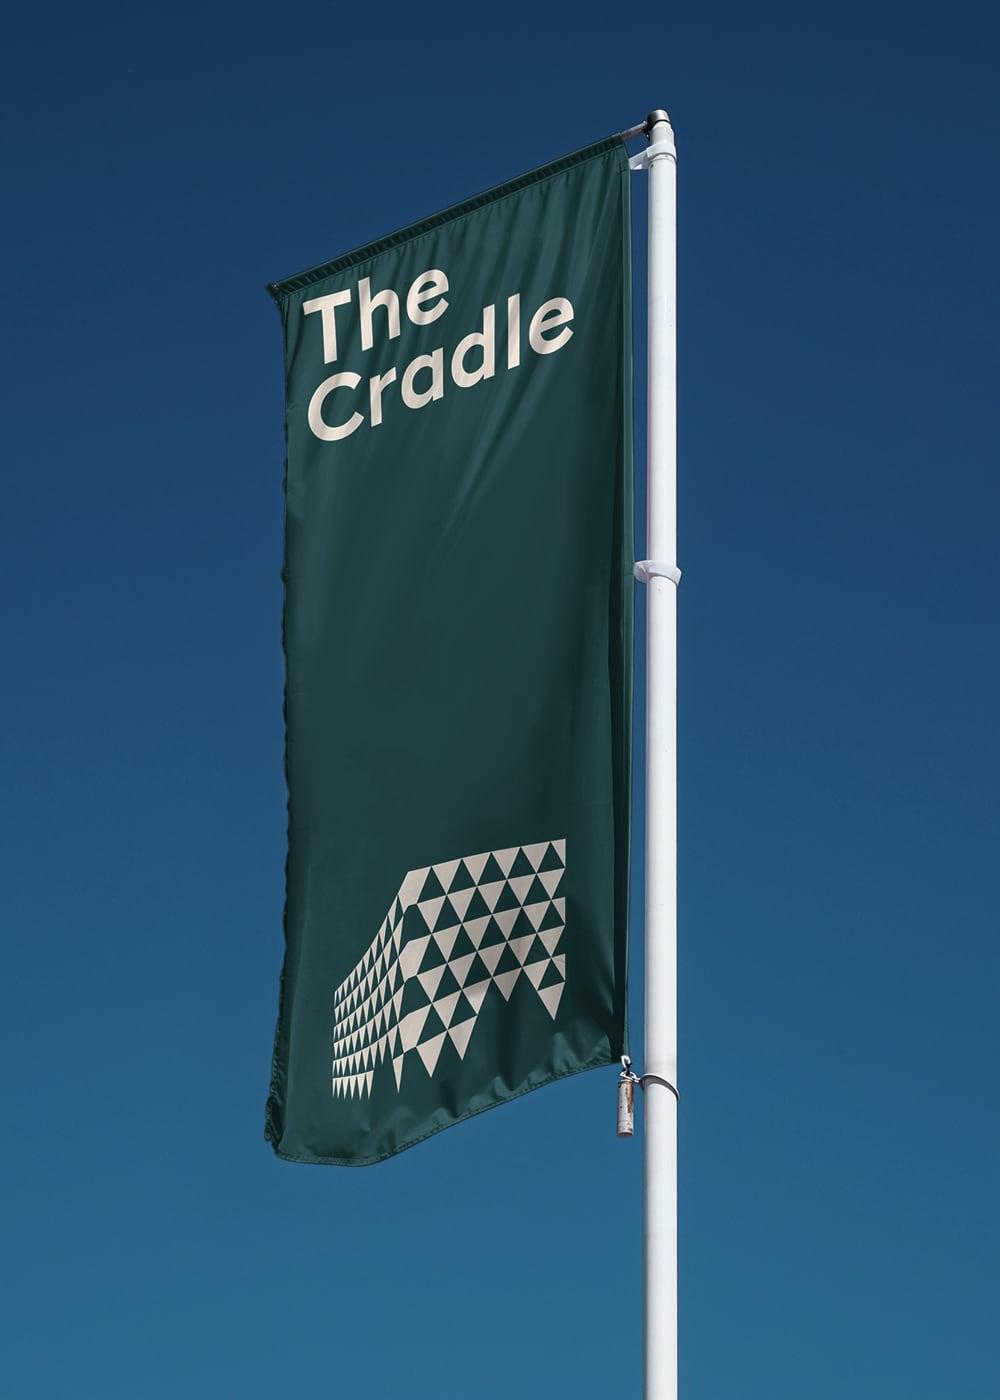 10-thecradle-casestudy